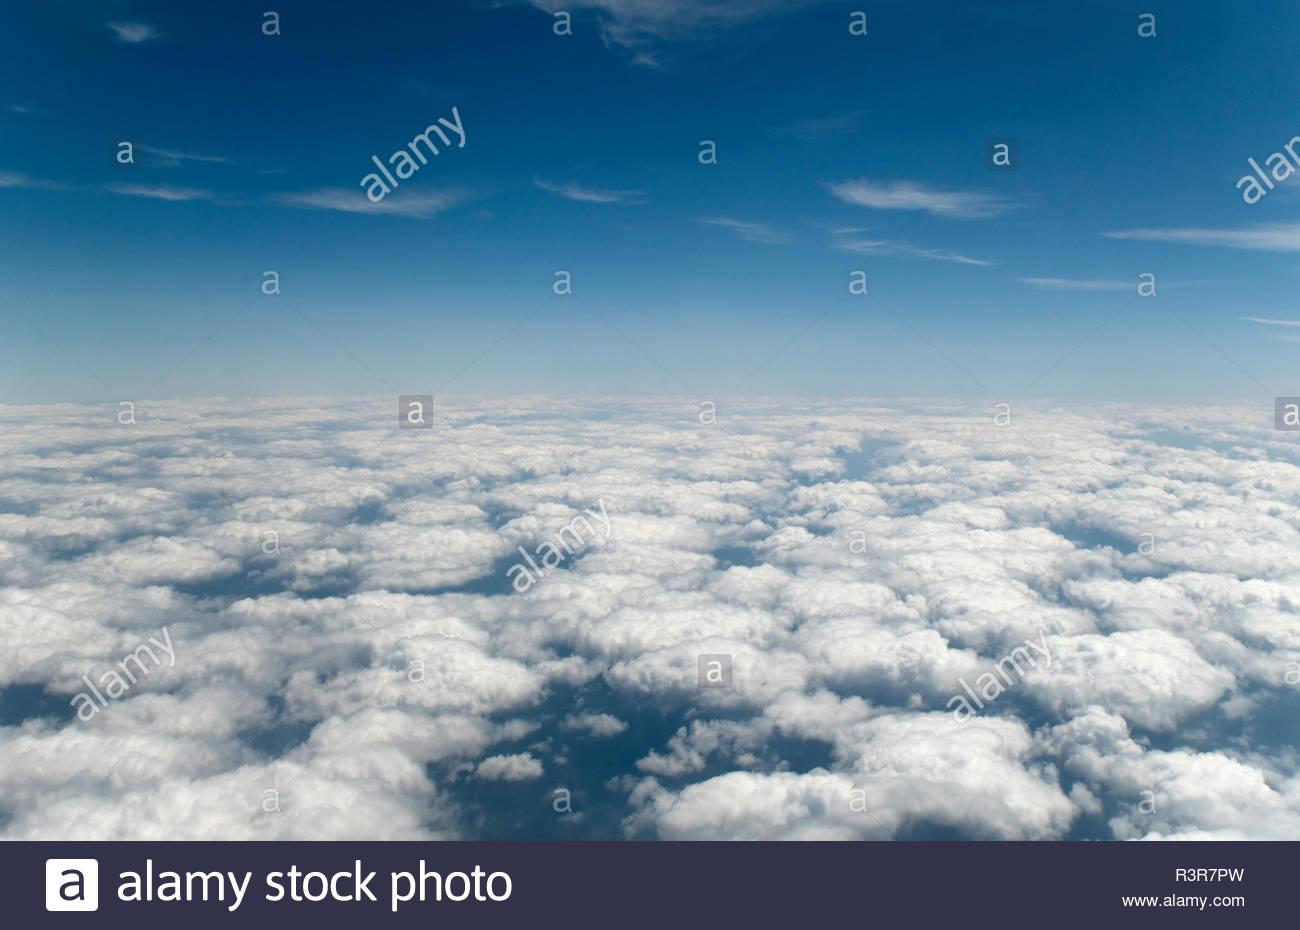 Über den Wolken - Stock Image